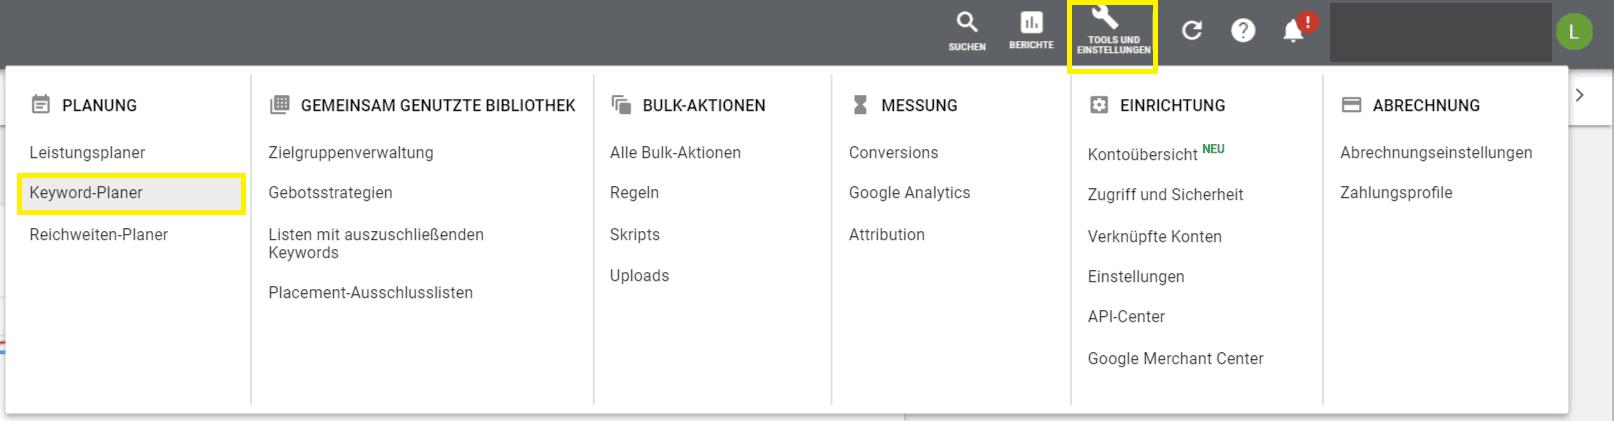 keyword planer tool google ads sea